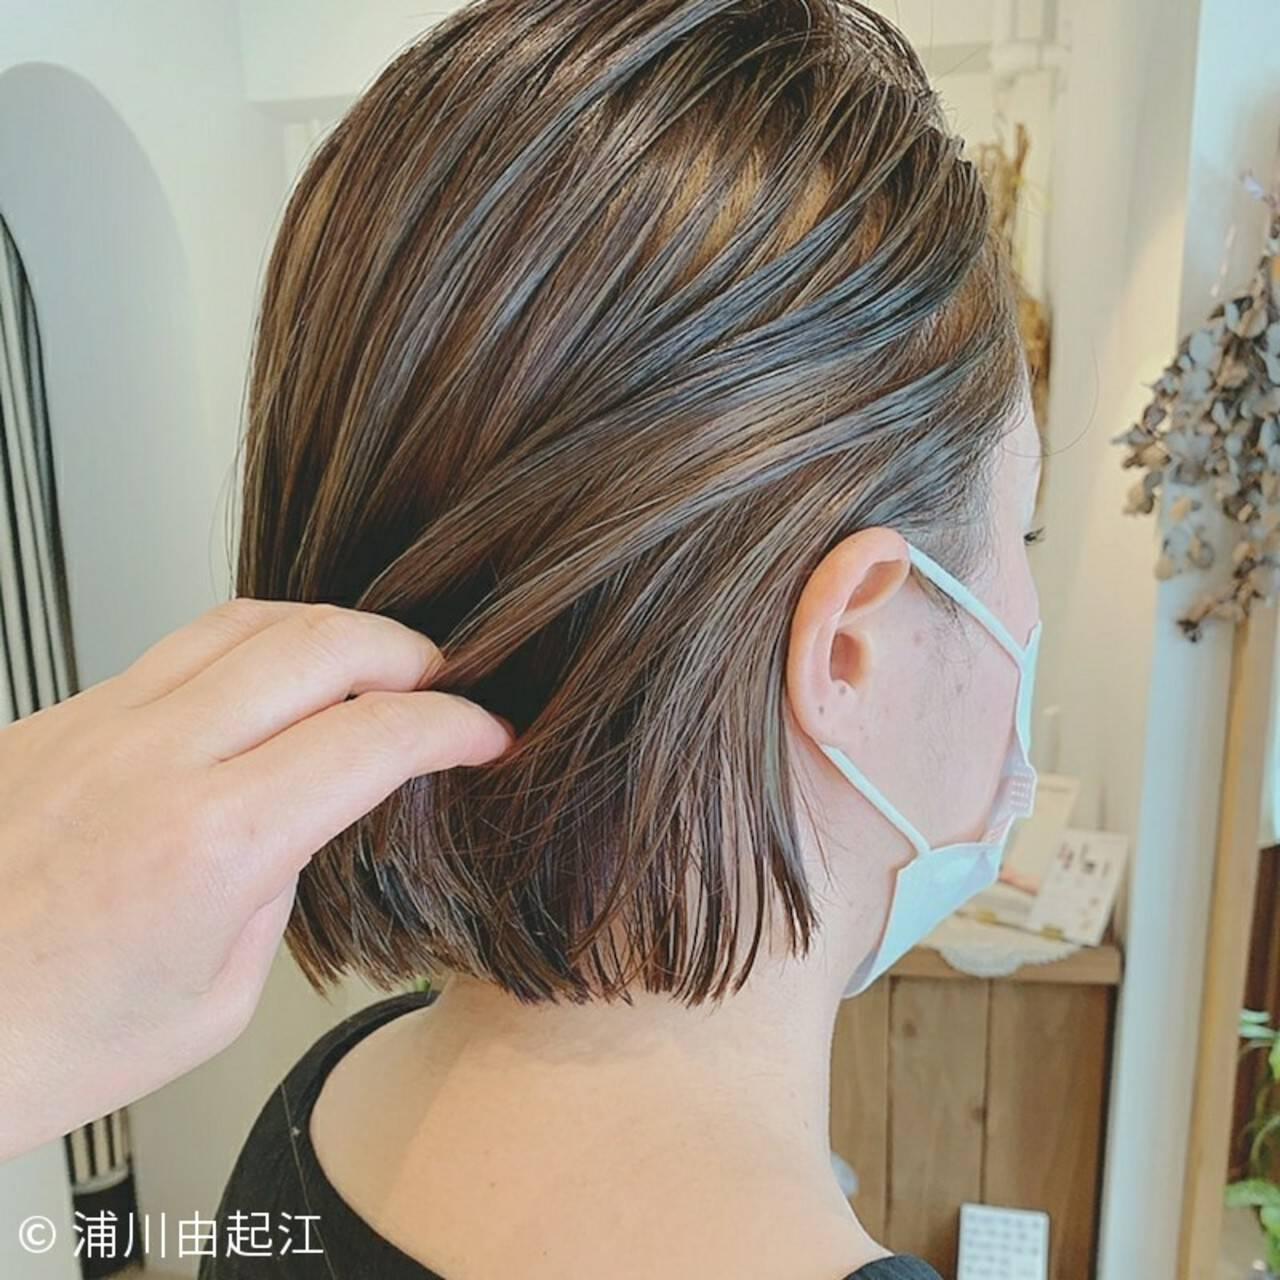 ボブ 夏 モード インナーカラーヘアスタイルや髪型の写真・画像